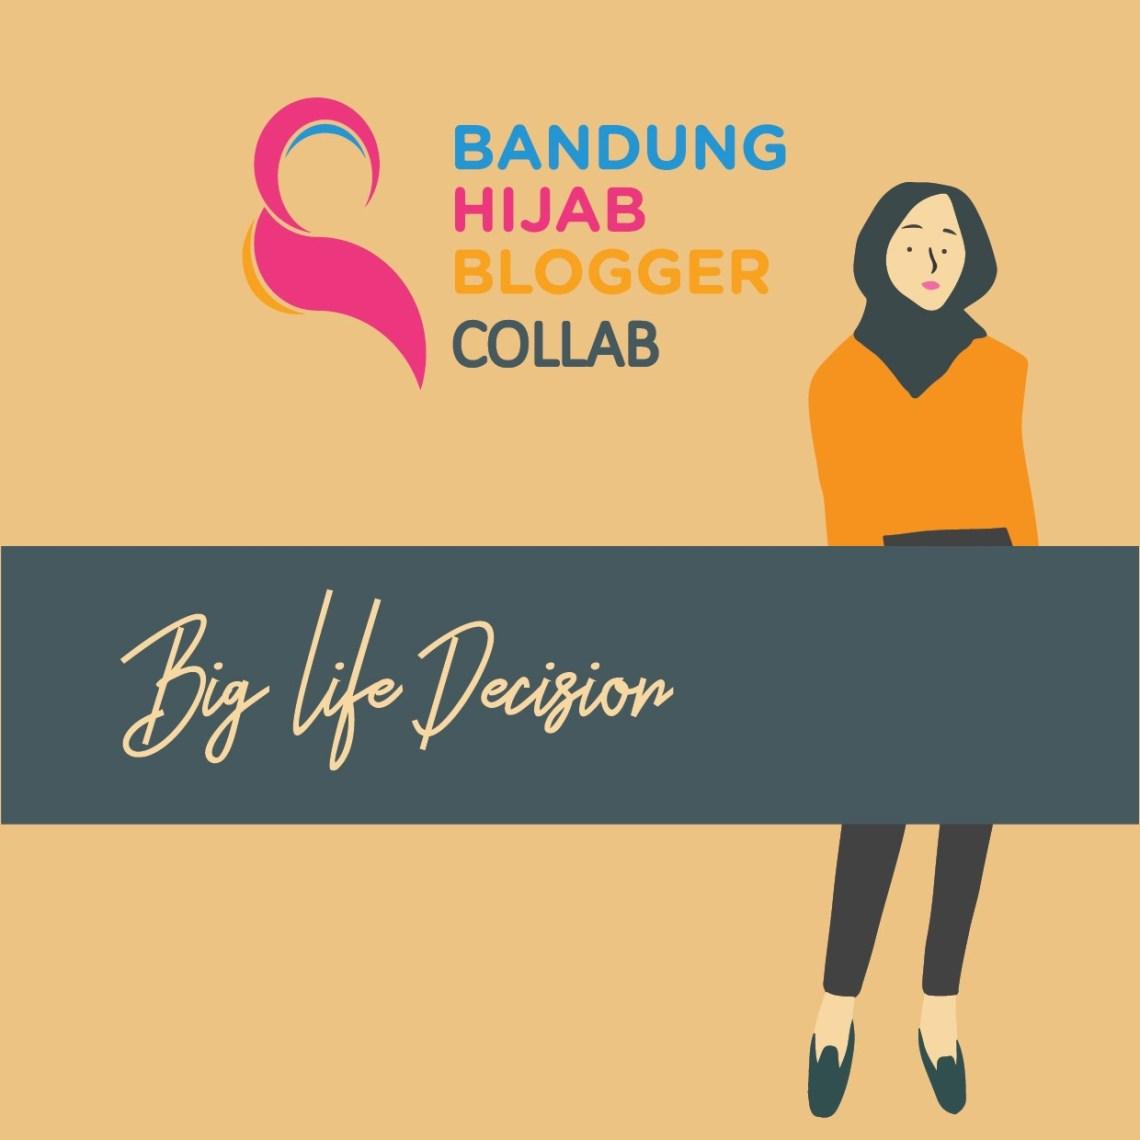 Big Life Decision Bandung Hijab Blogger